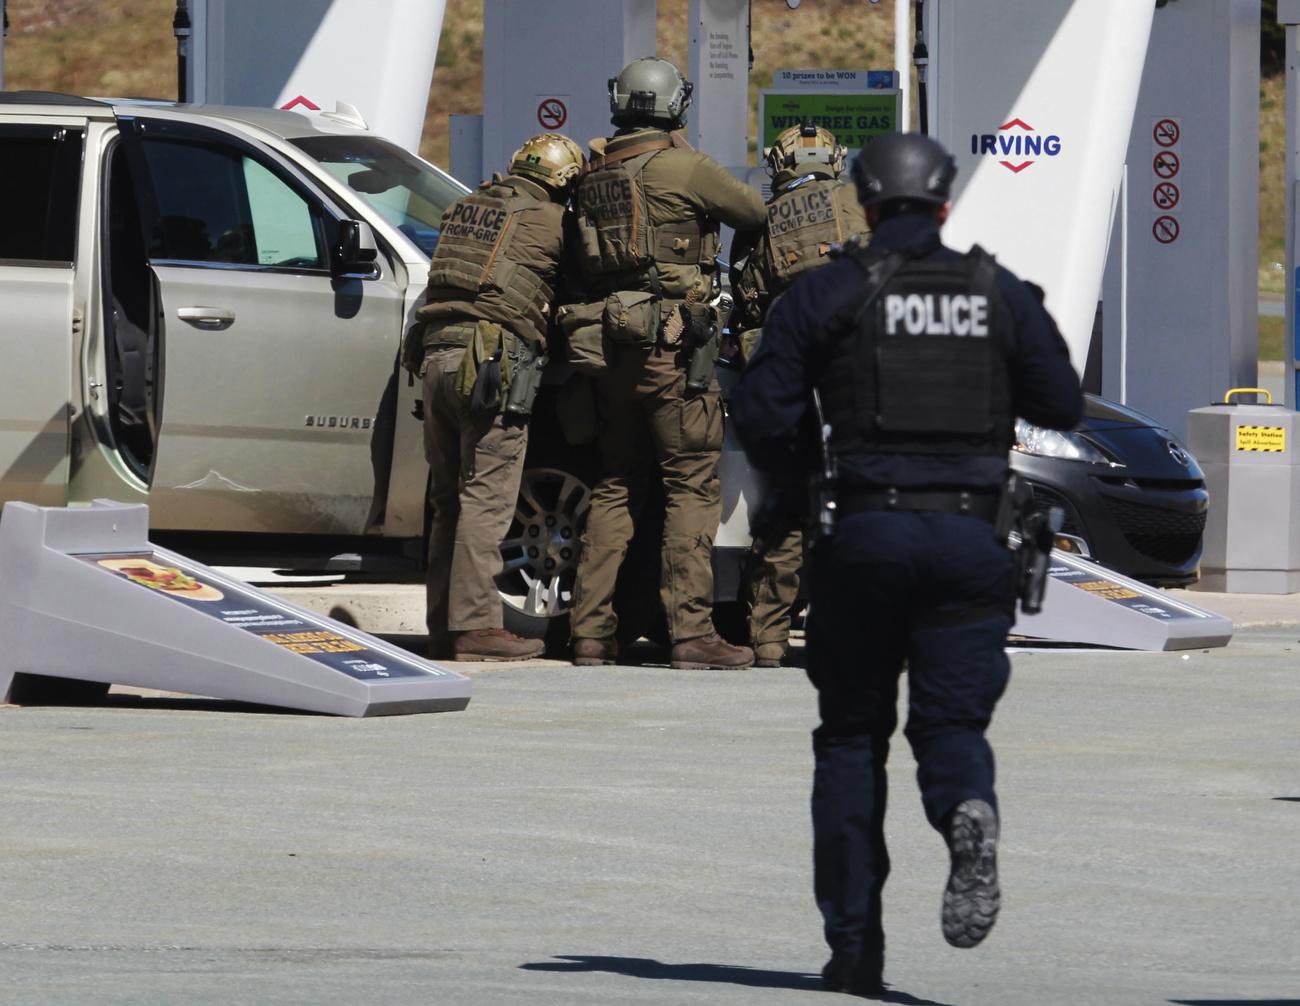 Tuerie au Canada: au moins 18 morts, toujours pas de mobile apparent